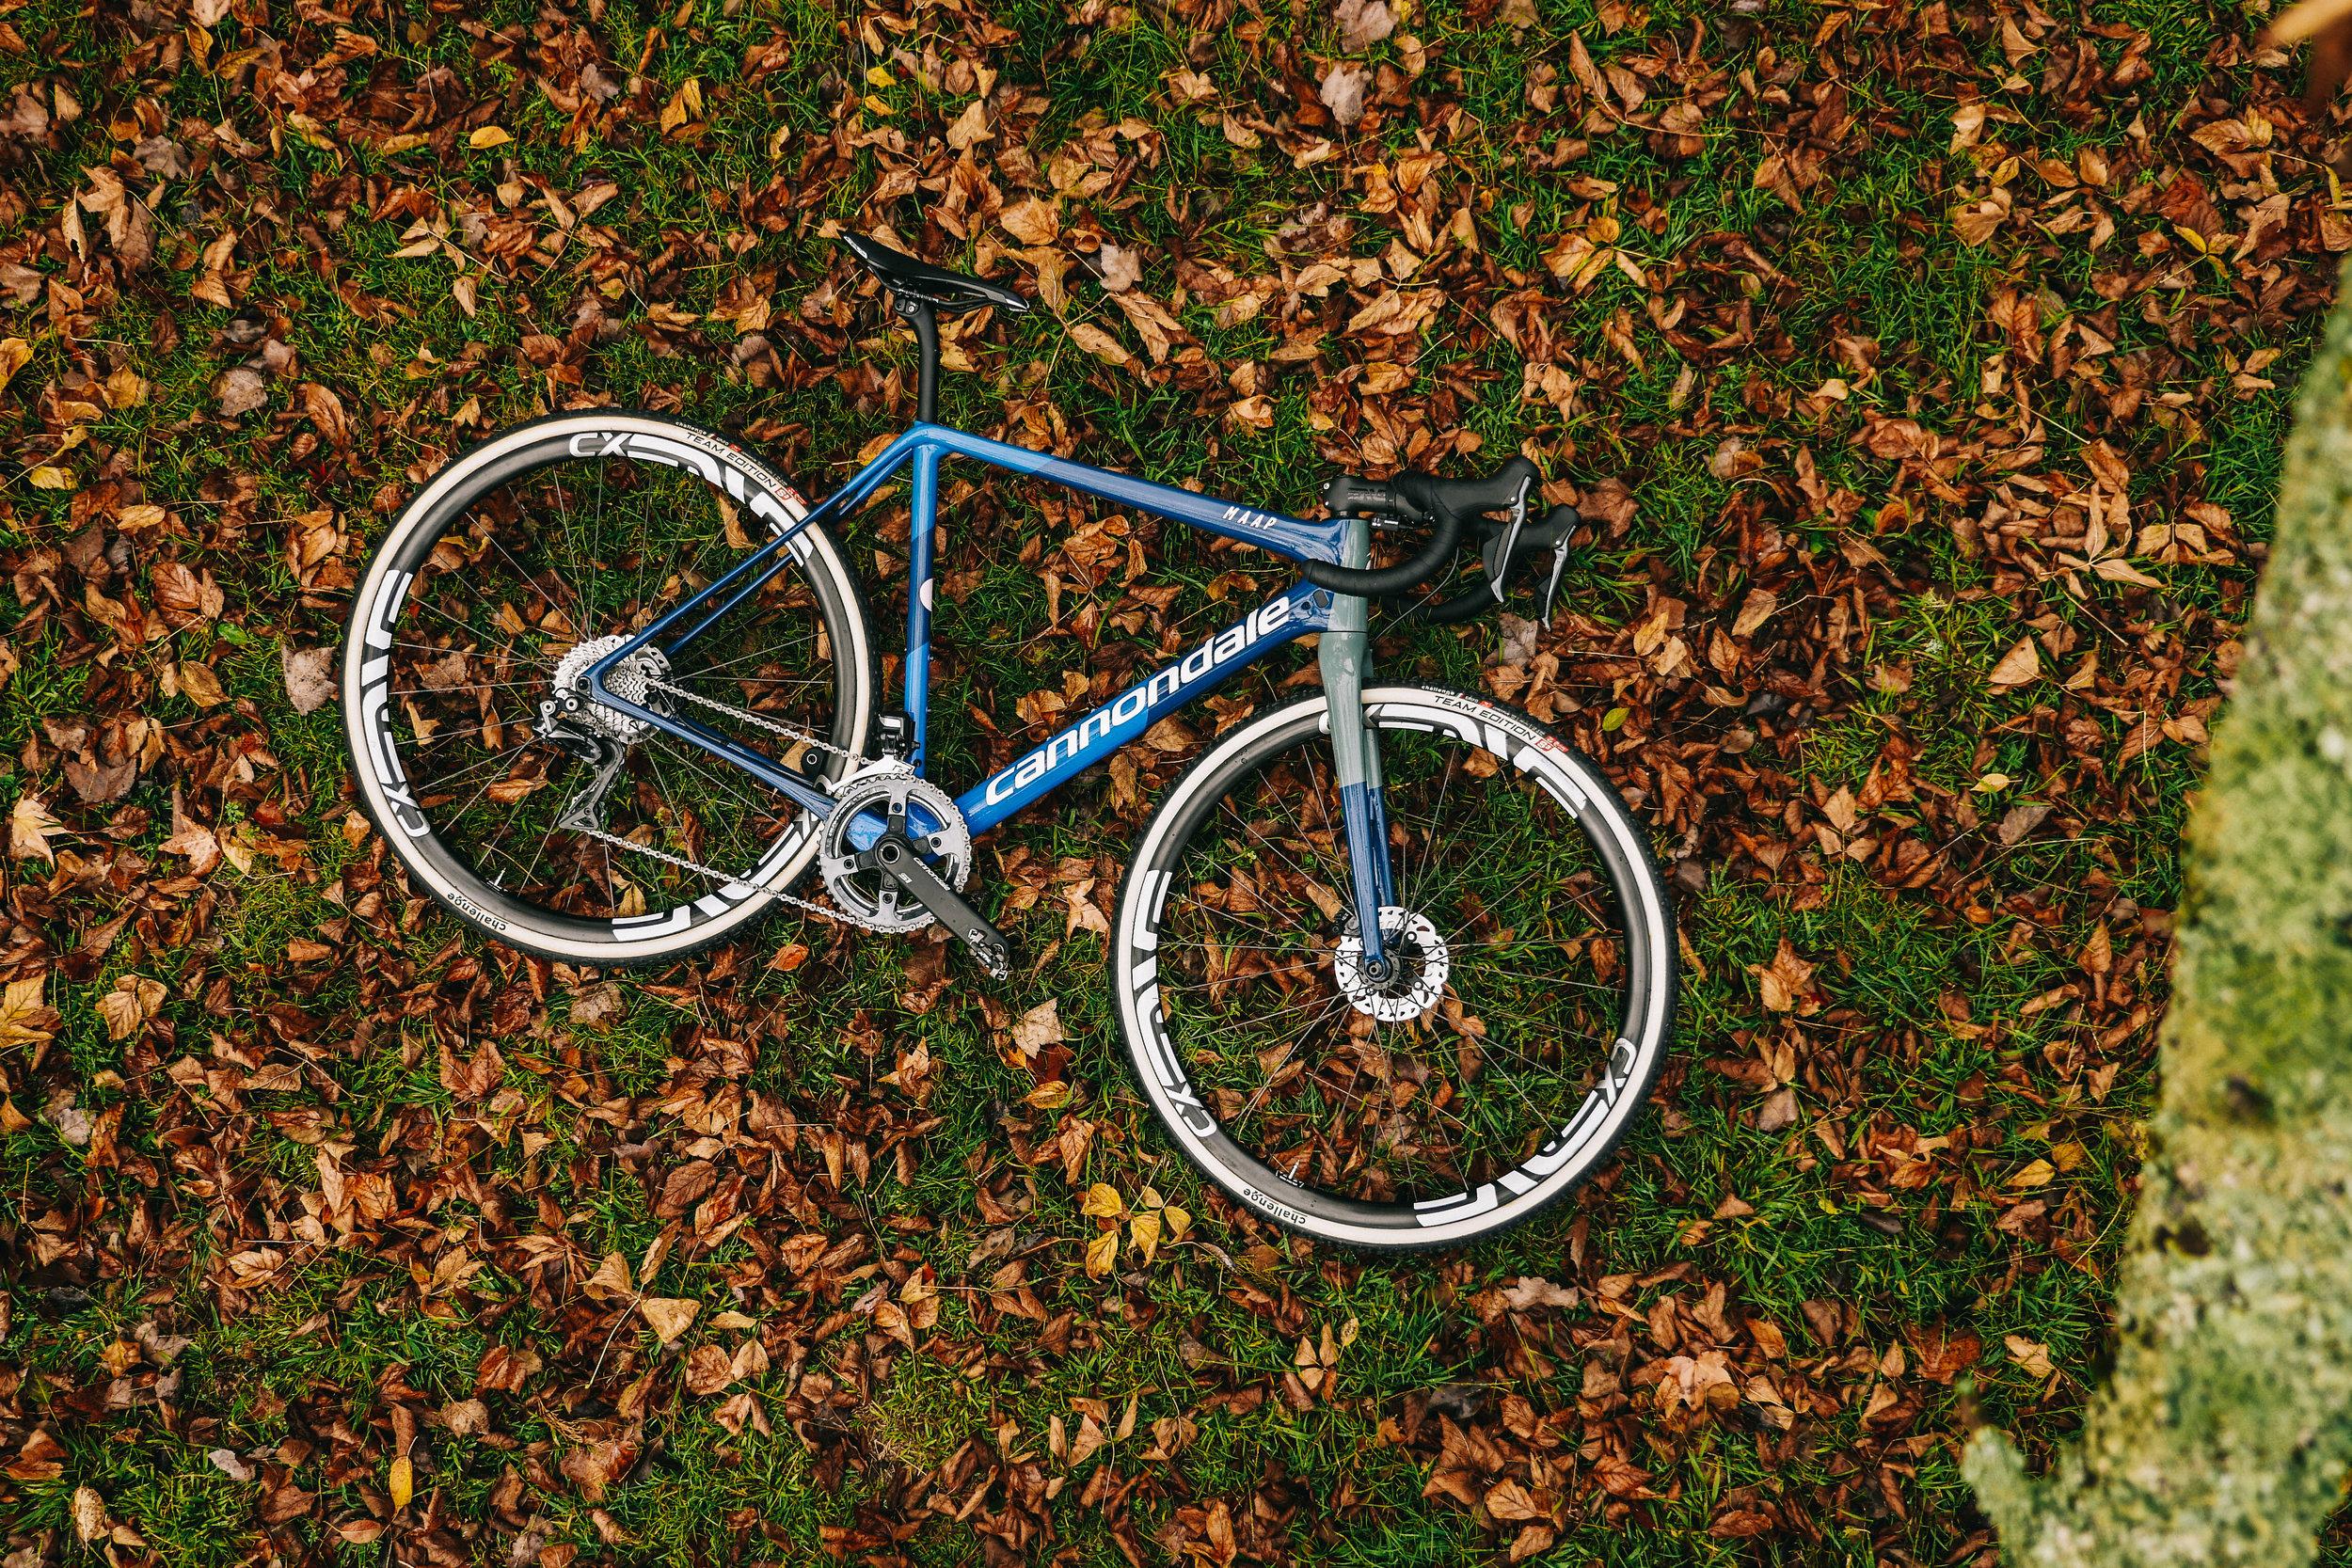 maap-cx-bike-4.jpg